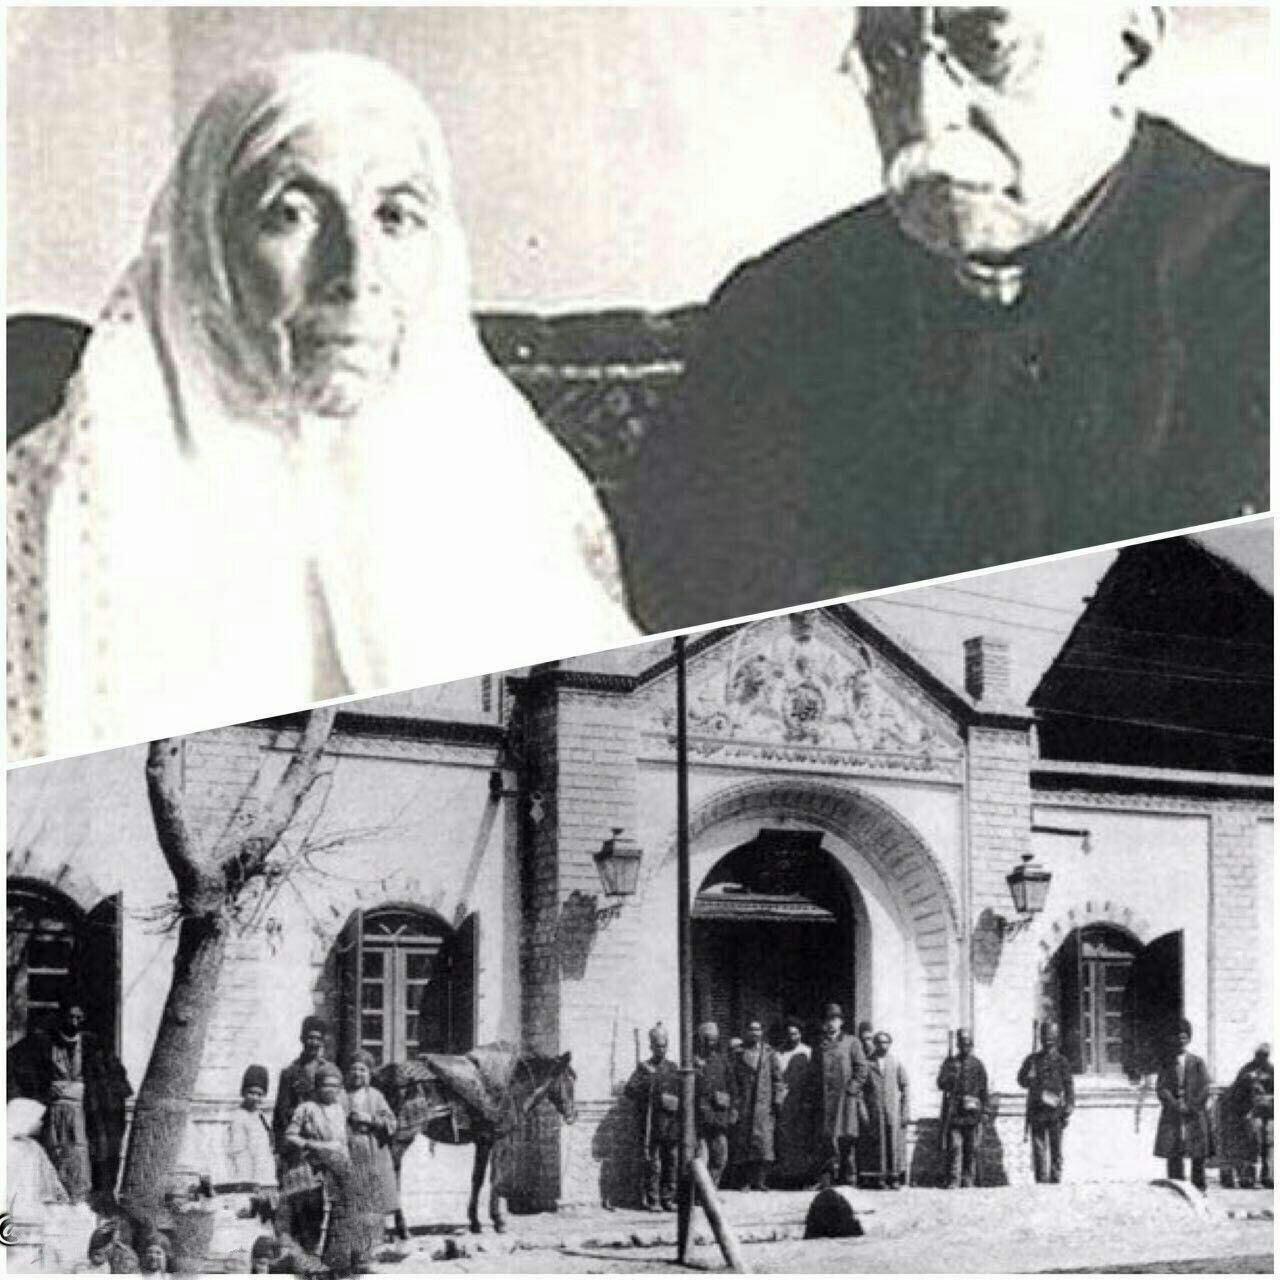 این زن اولين موسس بيمارستان مدرن در ایران بود +عکس